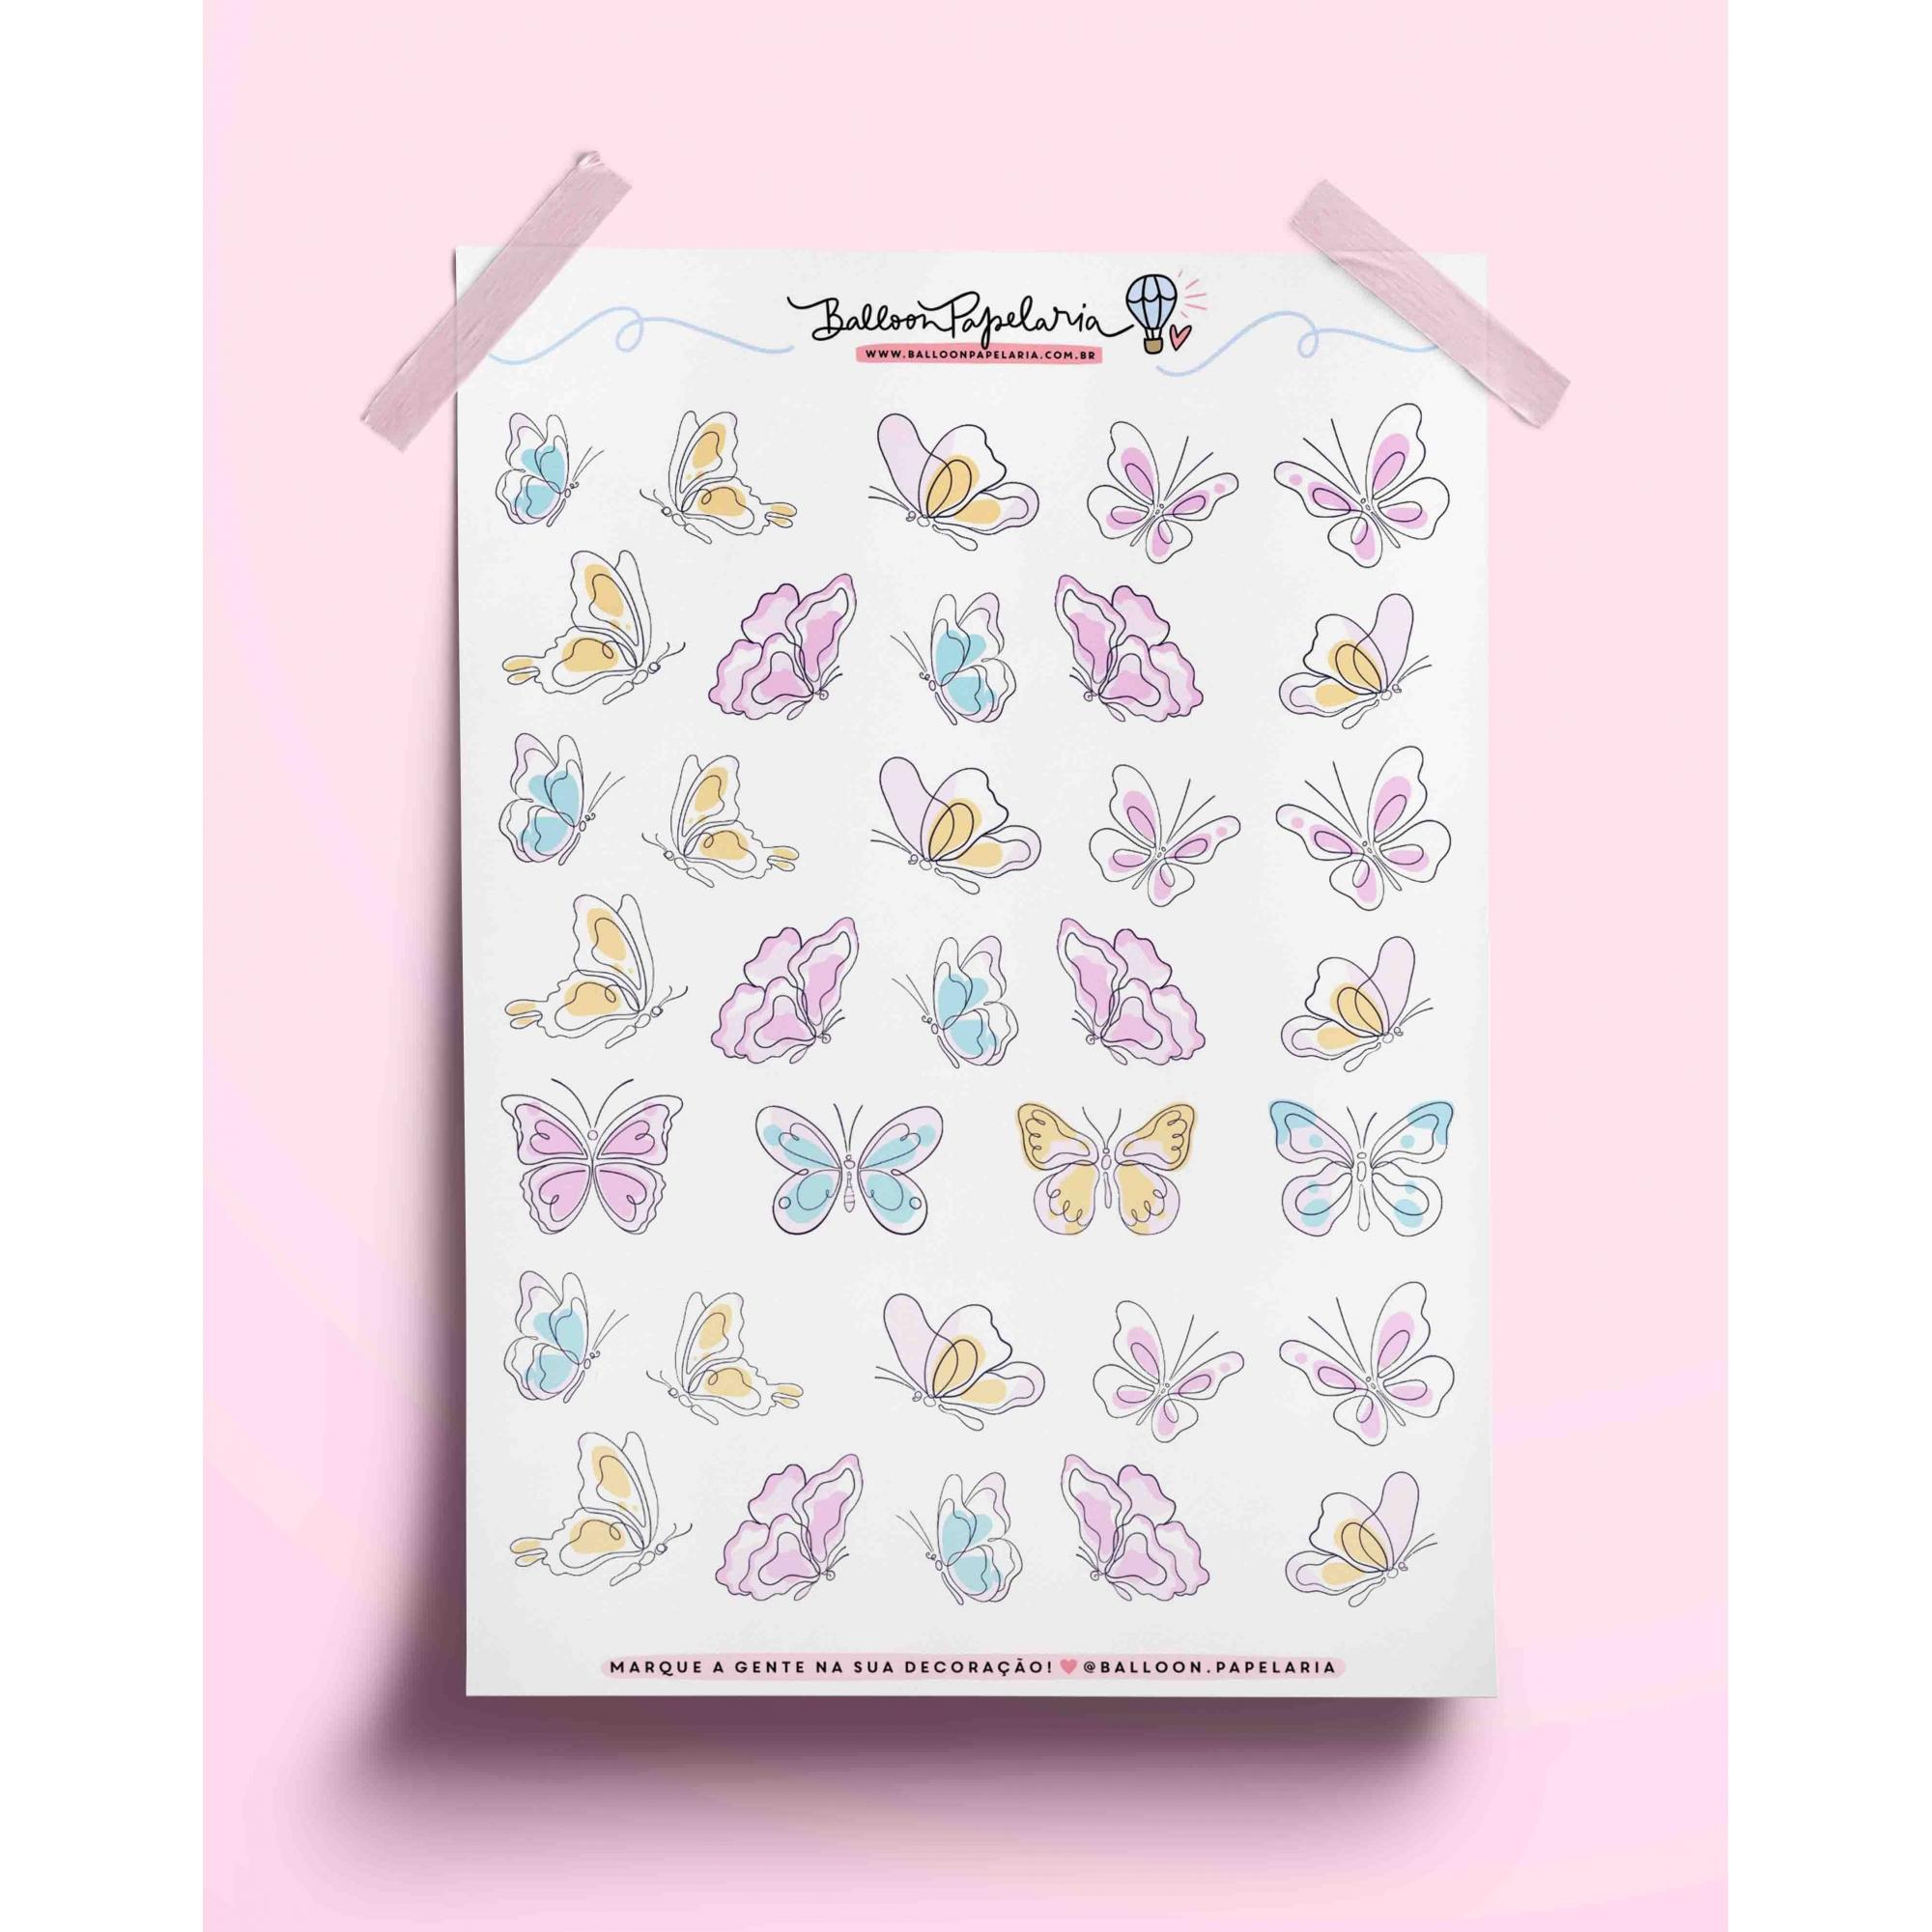 Adesivo borboletas aquarela